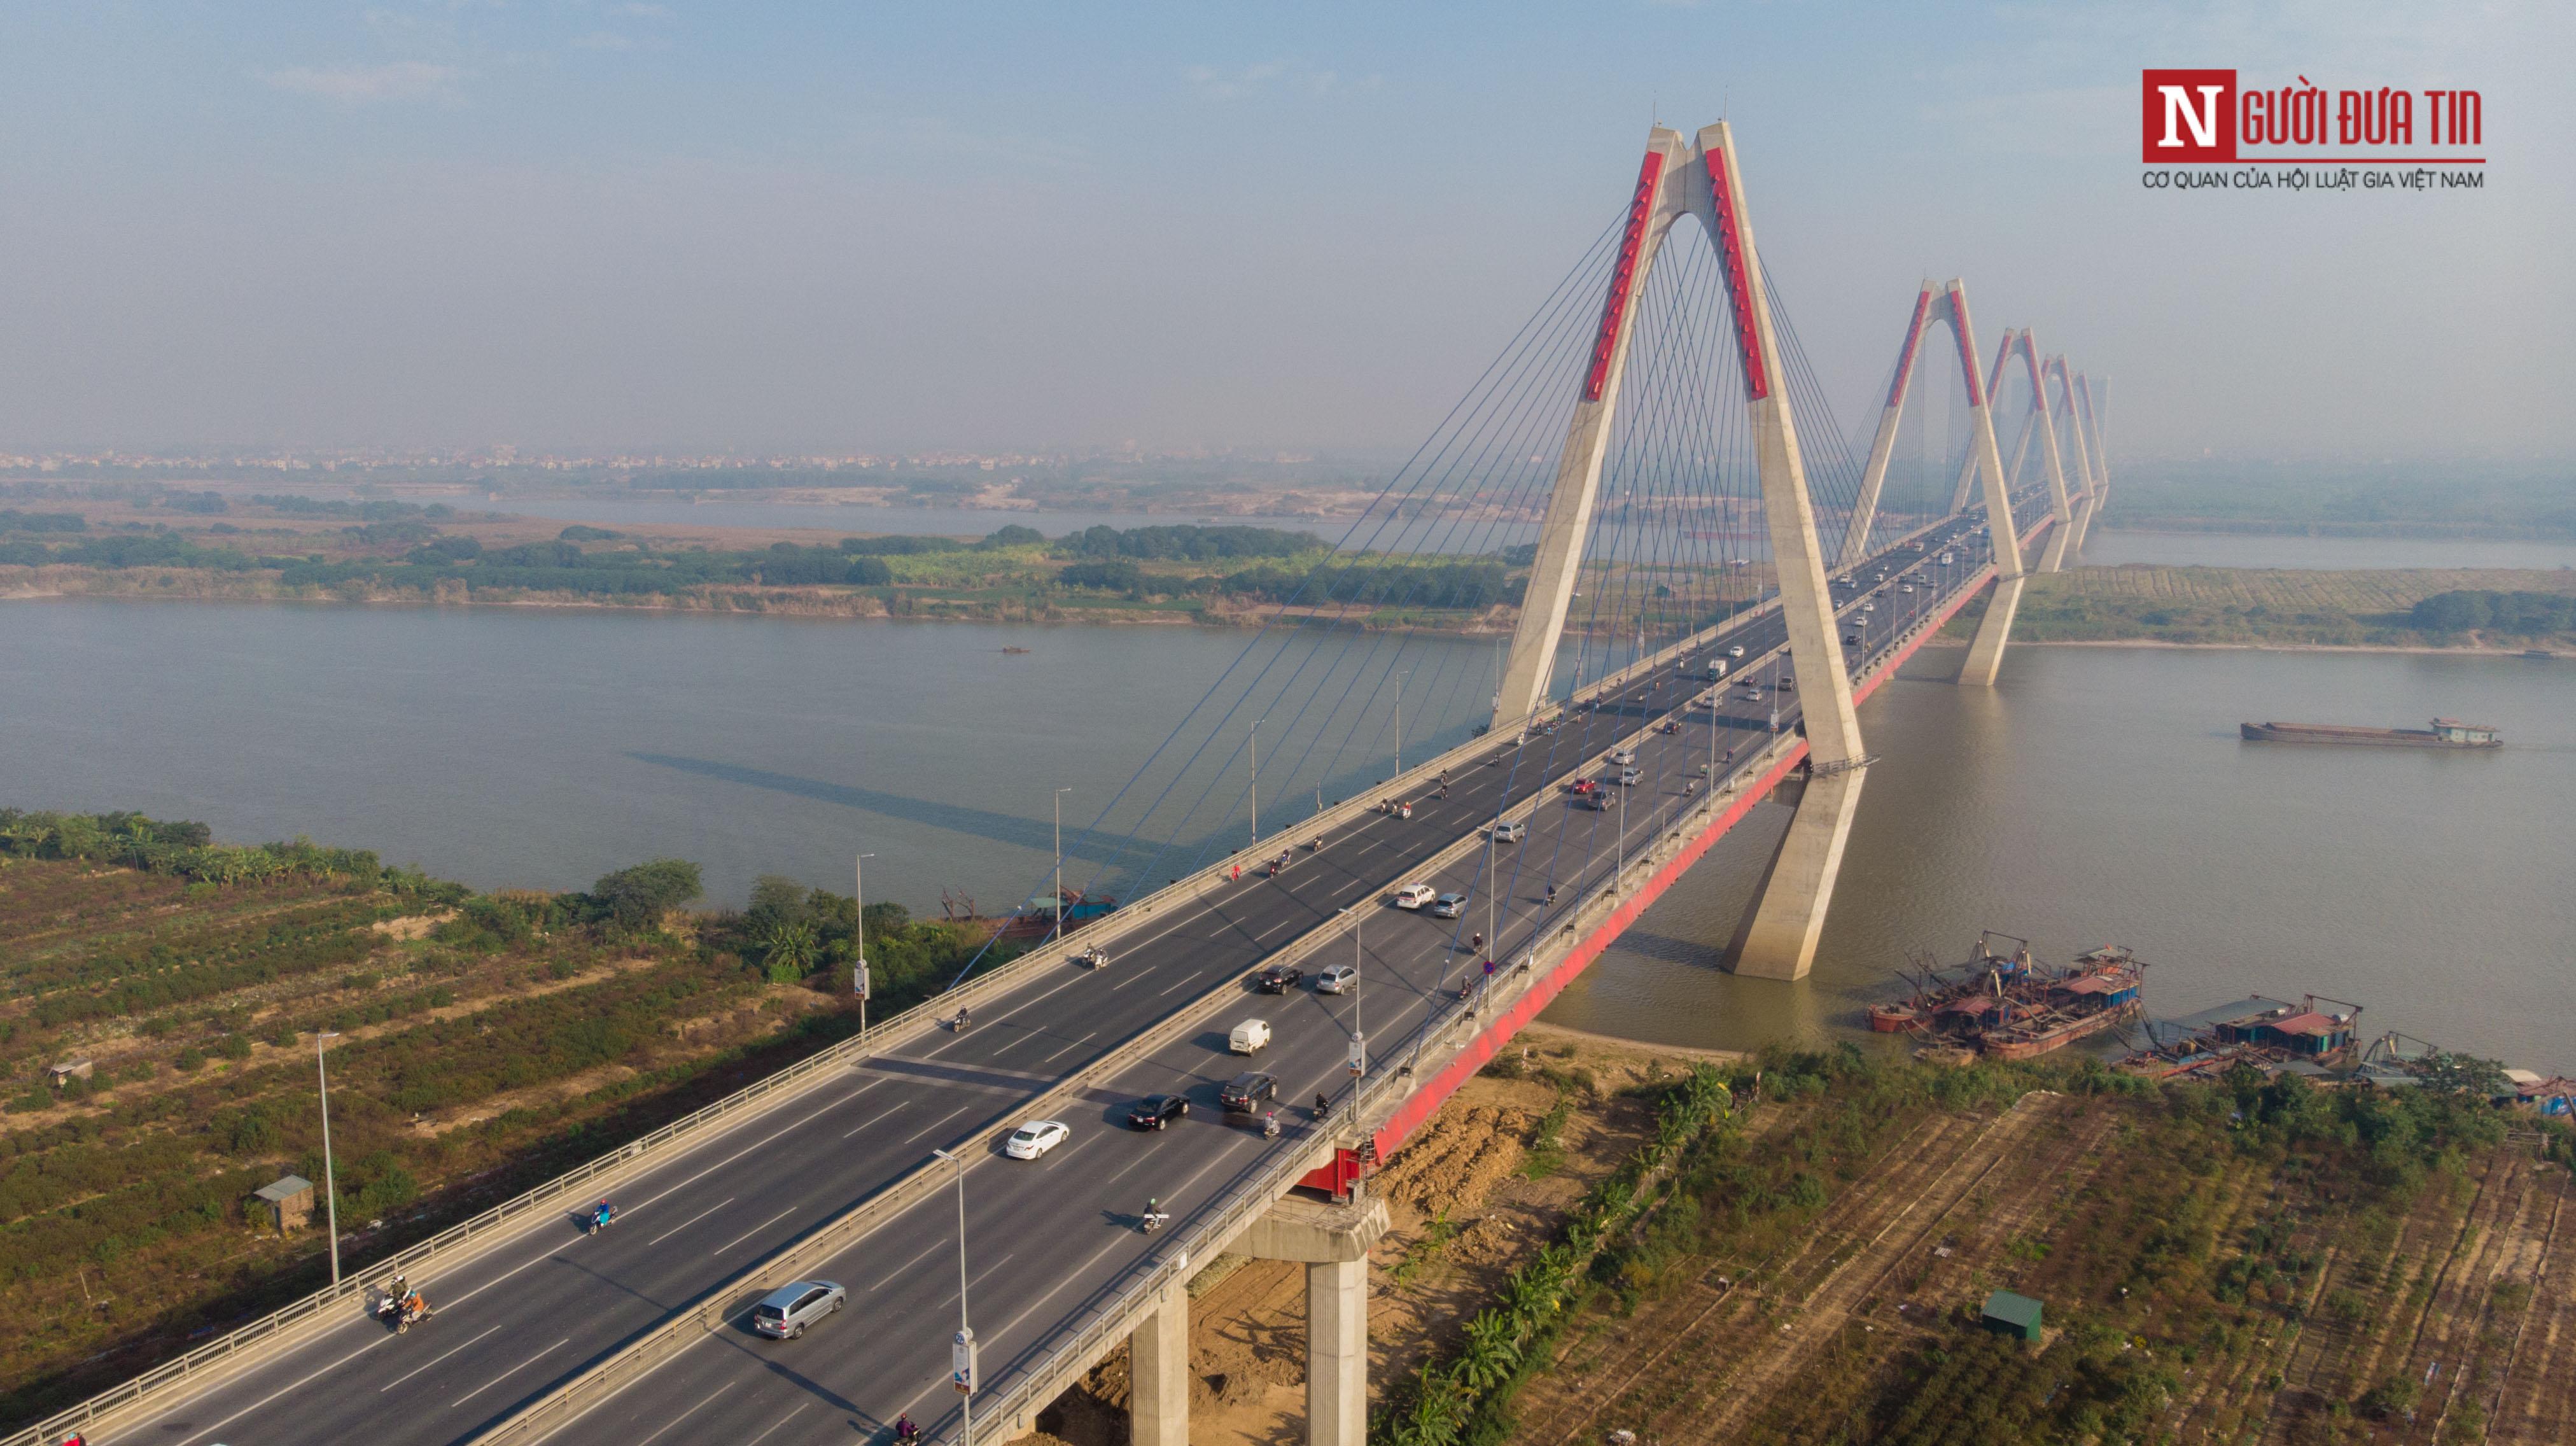 Tin nhanh - Chiêm ngưỡng 6 cây cầu bắc qua sông Hồng nối trung tâm Hà Nội (Hình 16).